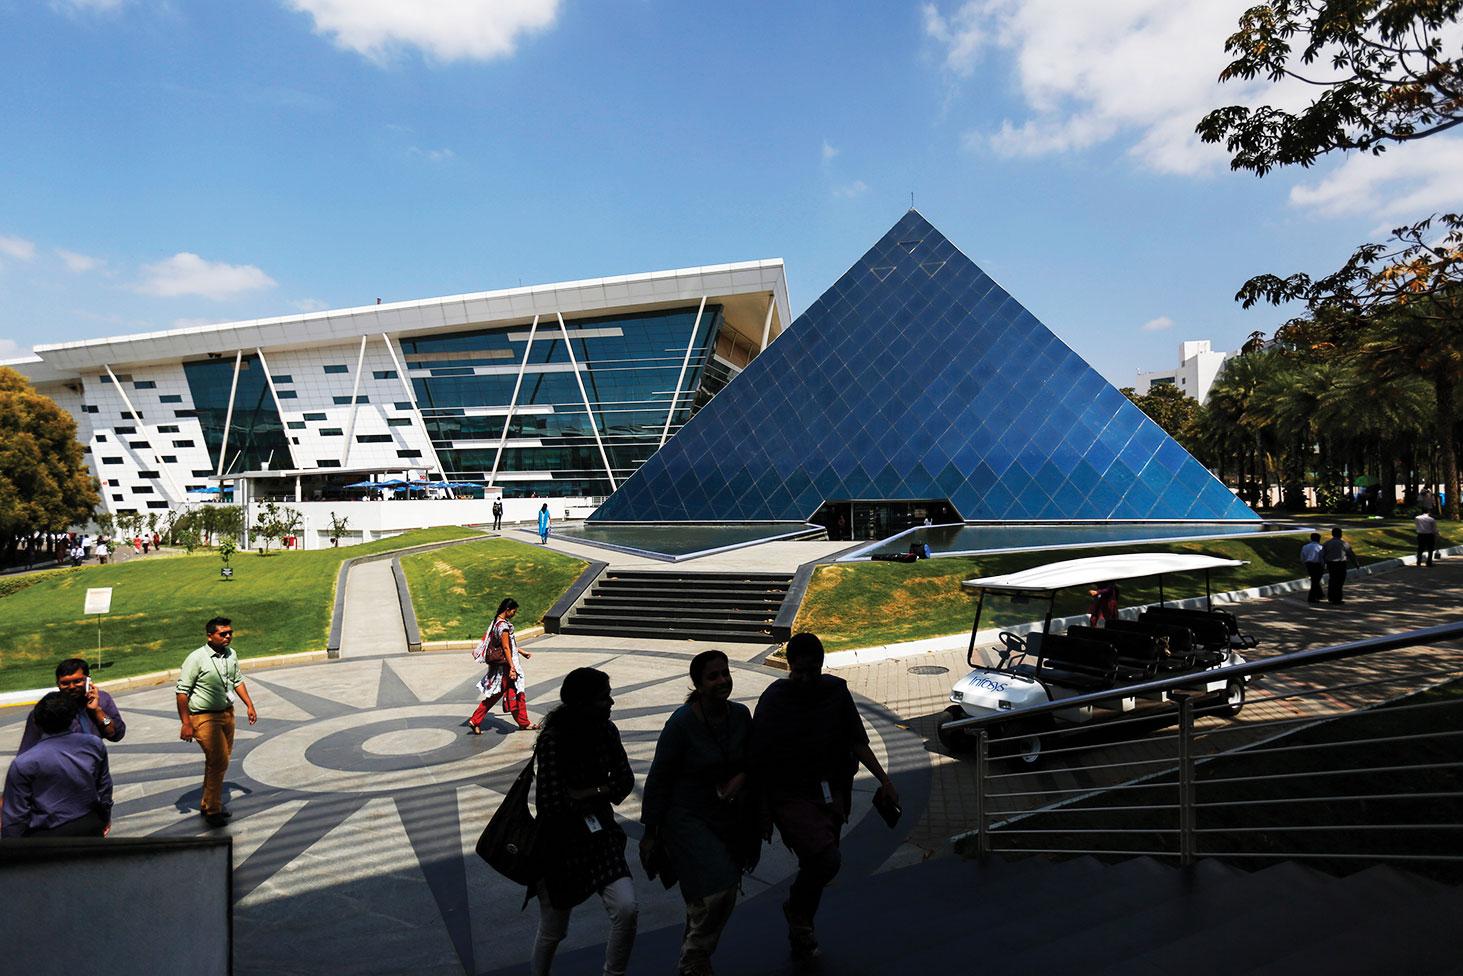 El tamaño y el prestigio de la industria de TI de la India se reflejan en el diseño de los campus de Infosys en Mysore (arriba) y Bangalore (abajo).